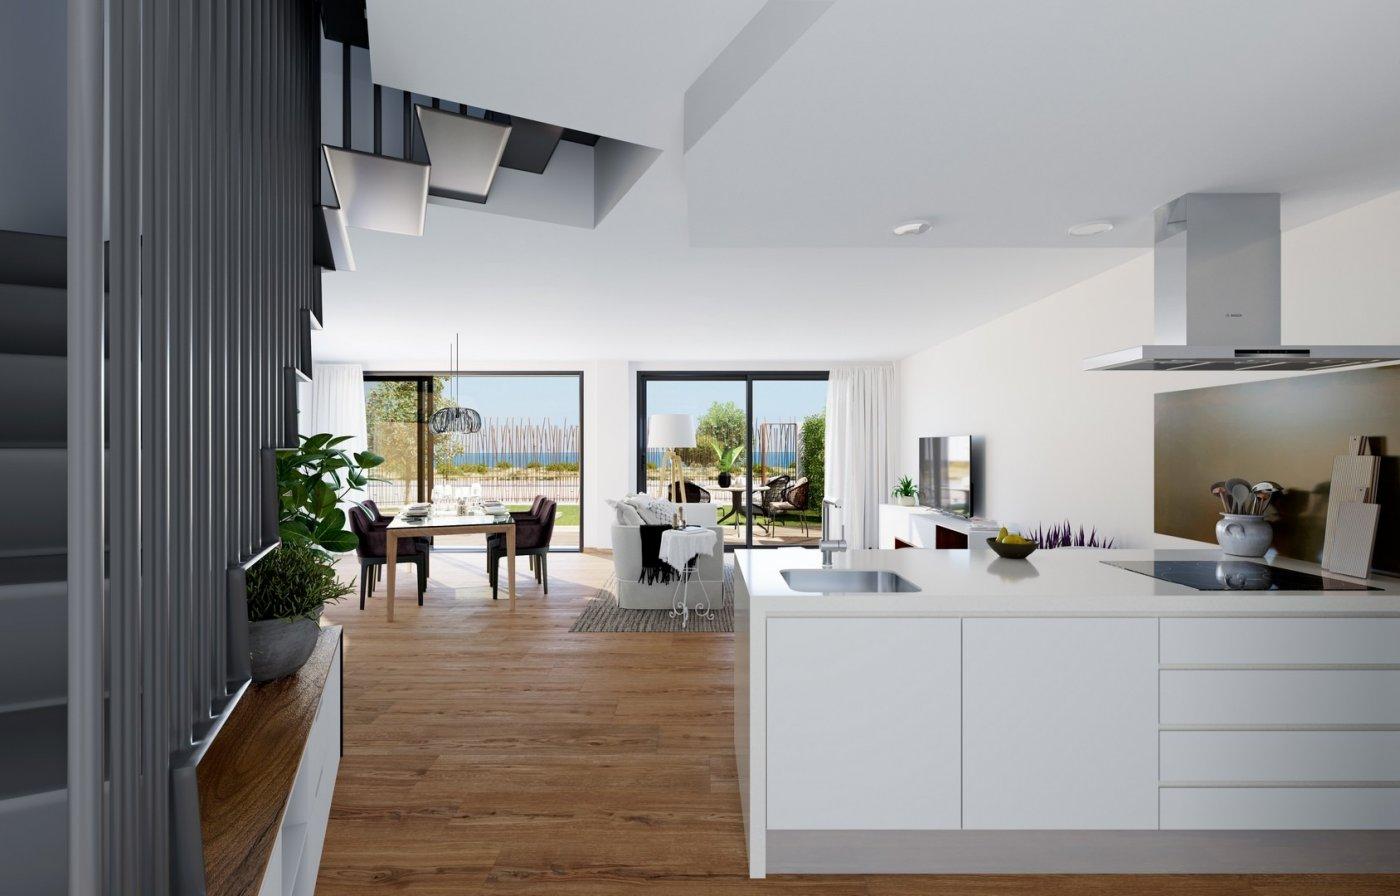 Doce exclusivas viviendas en primera línea del mar en villajoyosa - imagenInmueble7